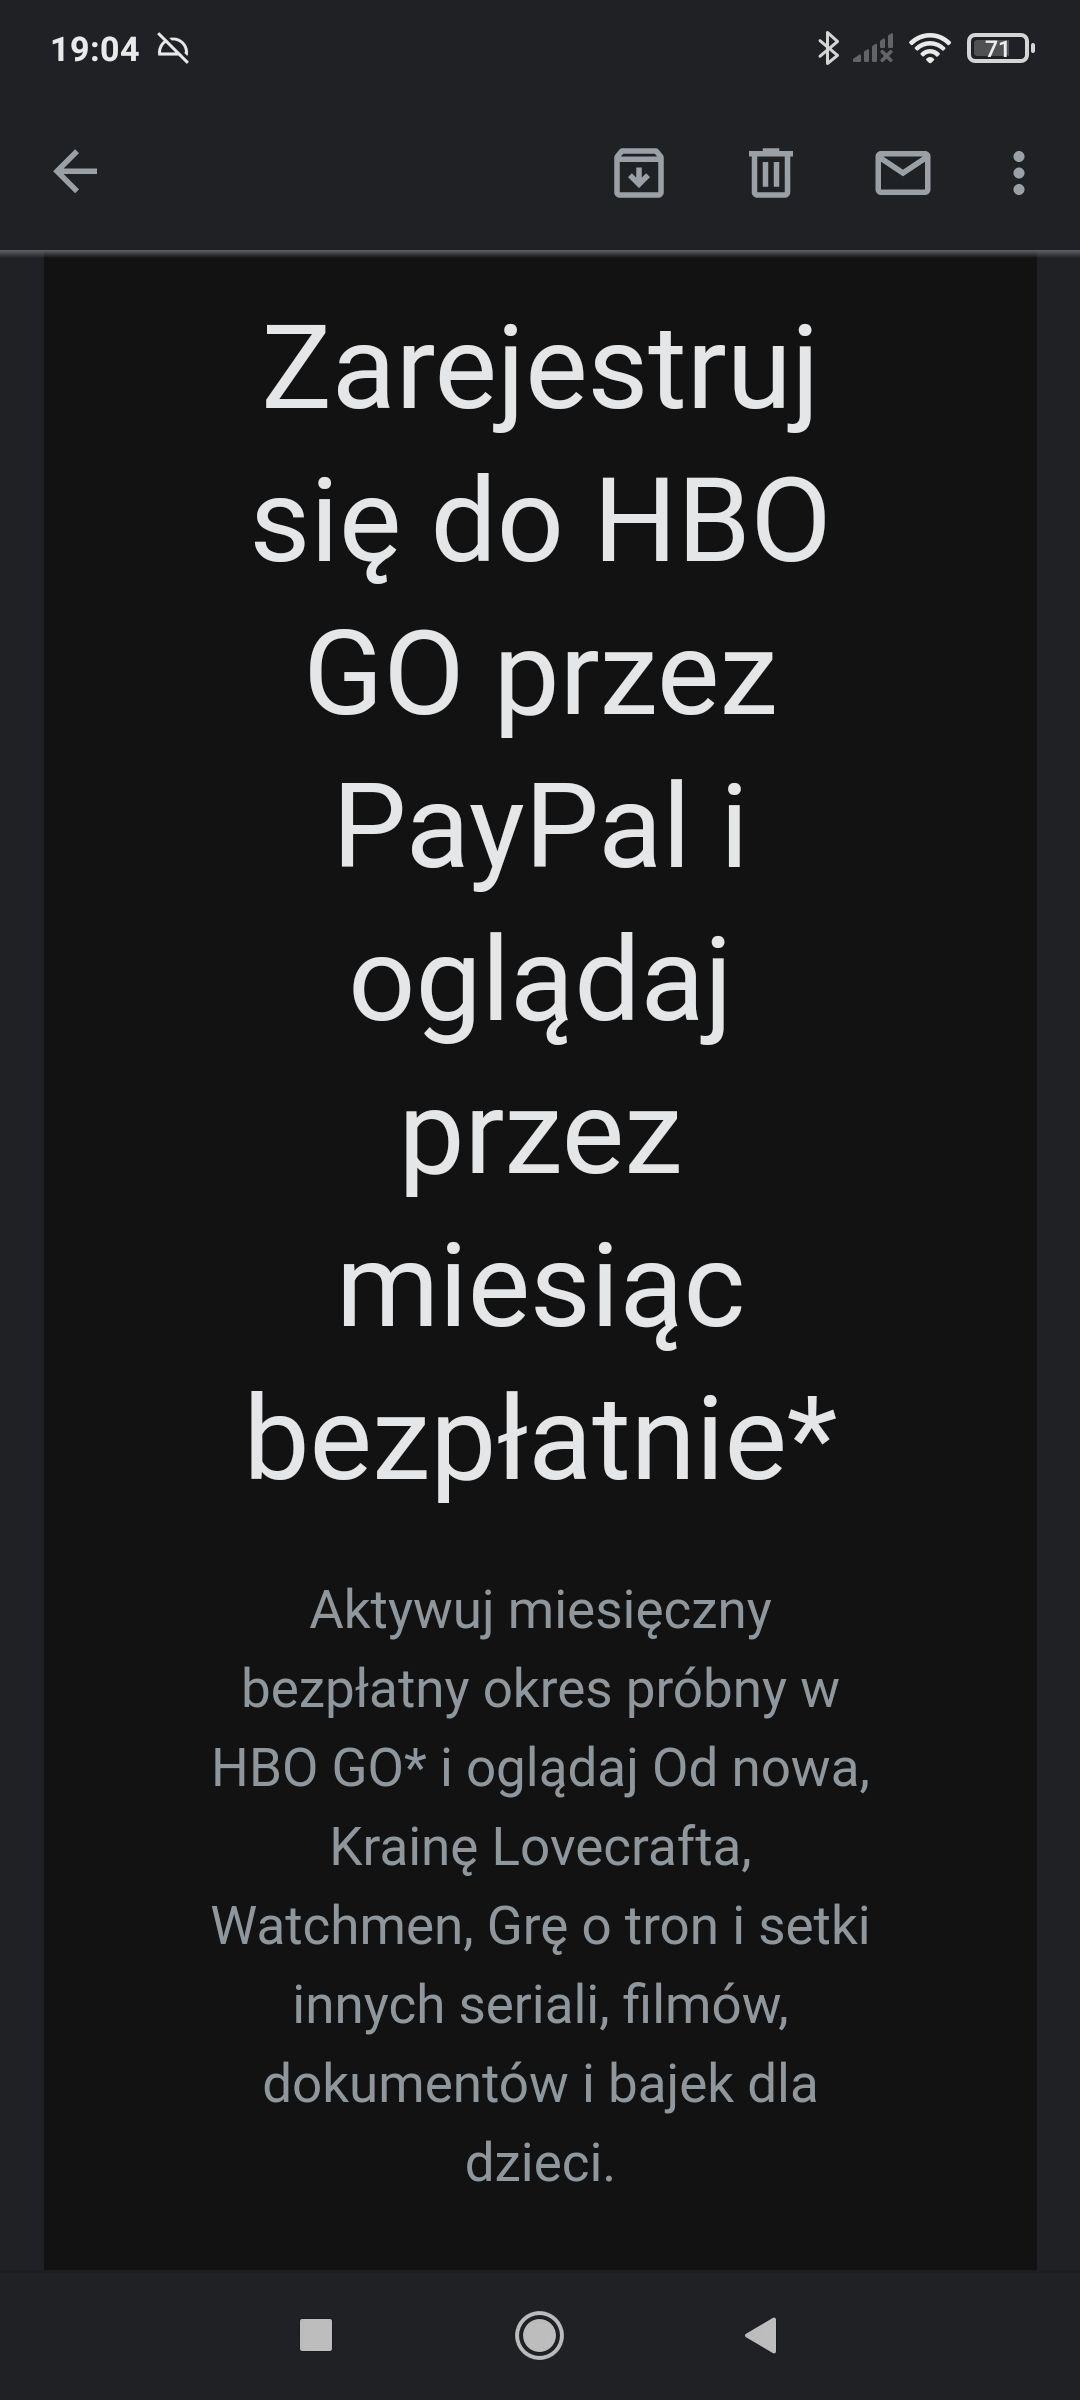 Zarejestruj się do HBO GO przez PayPal i oglądaj przez miesiąc bezpłatnie*